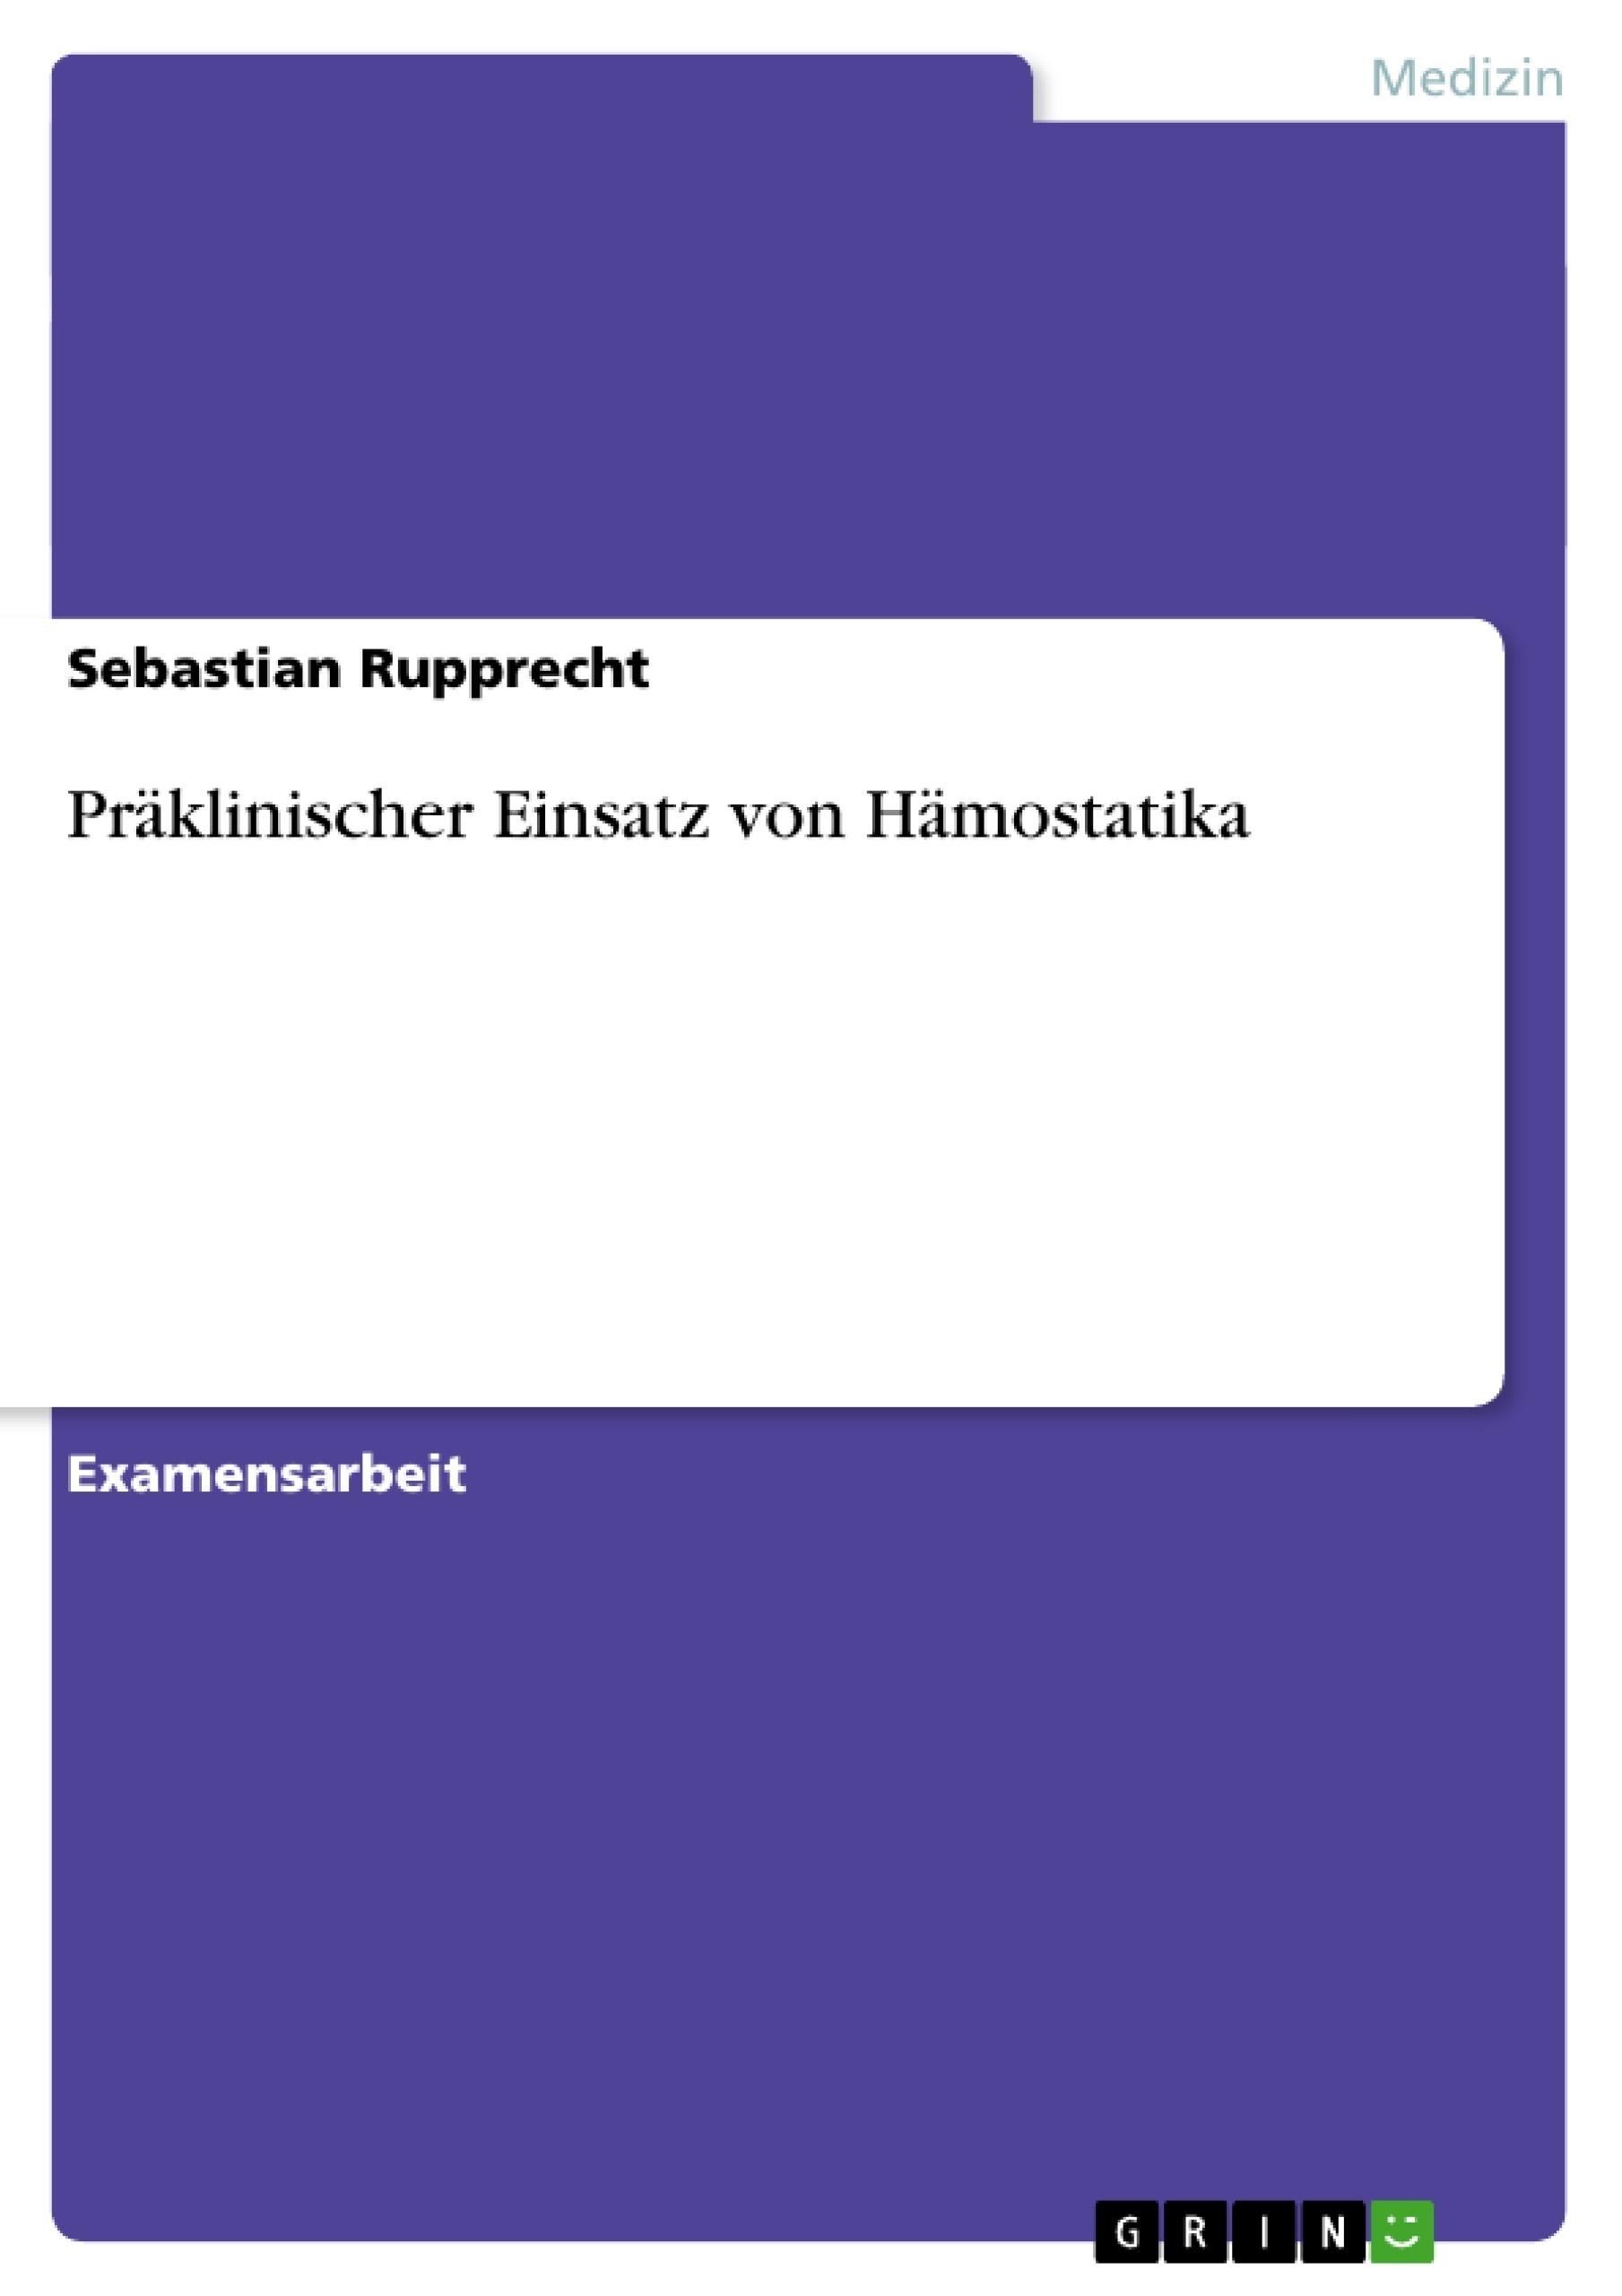 Präklinischer Einsatz von Hämostatika | Masterarbeit, Hausarbeit ...